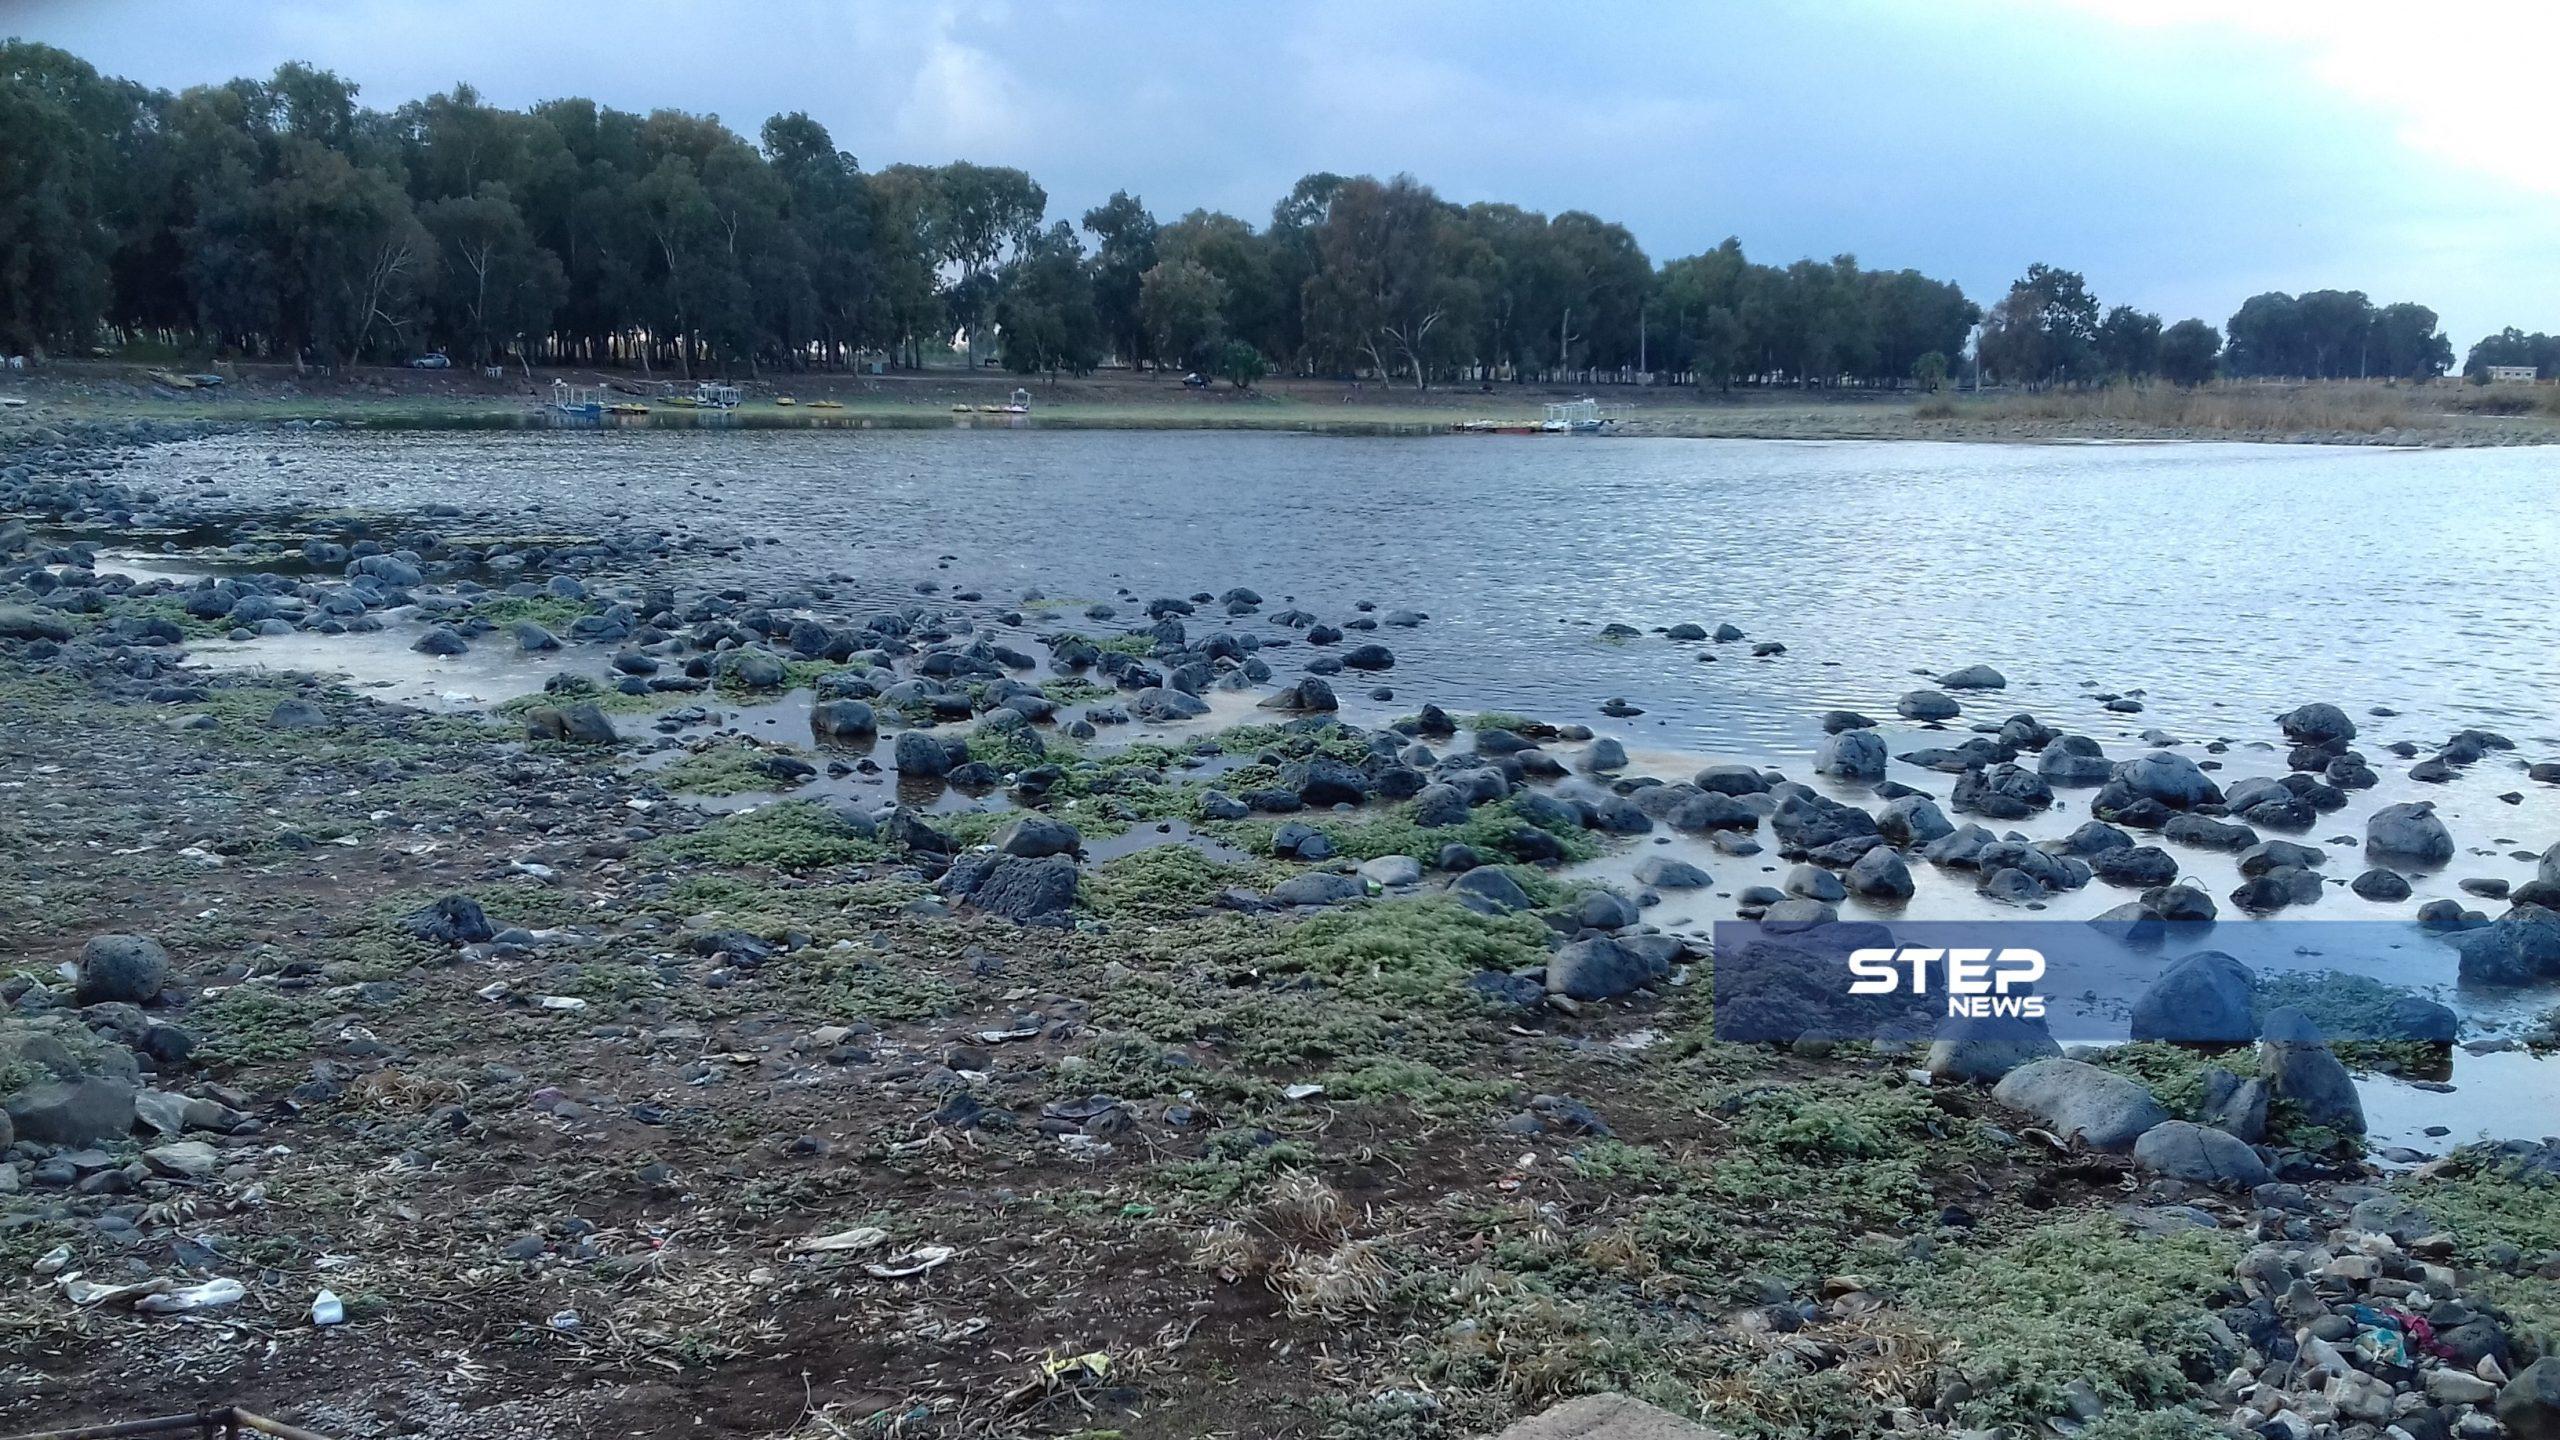 بحيرة المزيريب في درعا معلمًا سياحيًا هامًا ومصدرًا للرزق